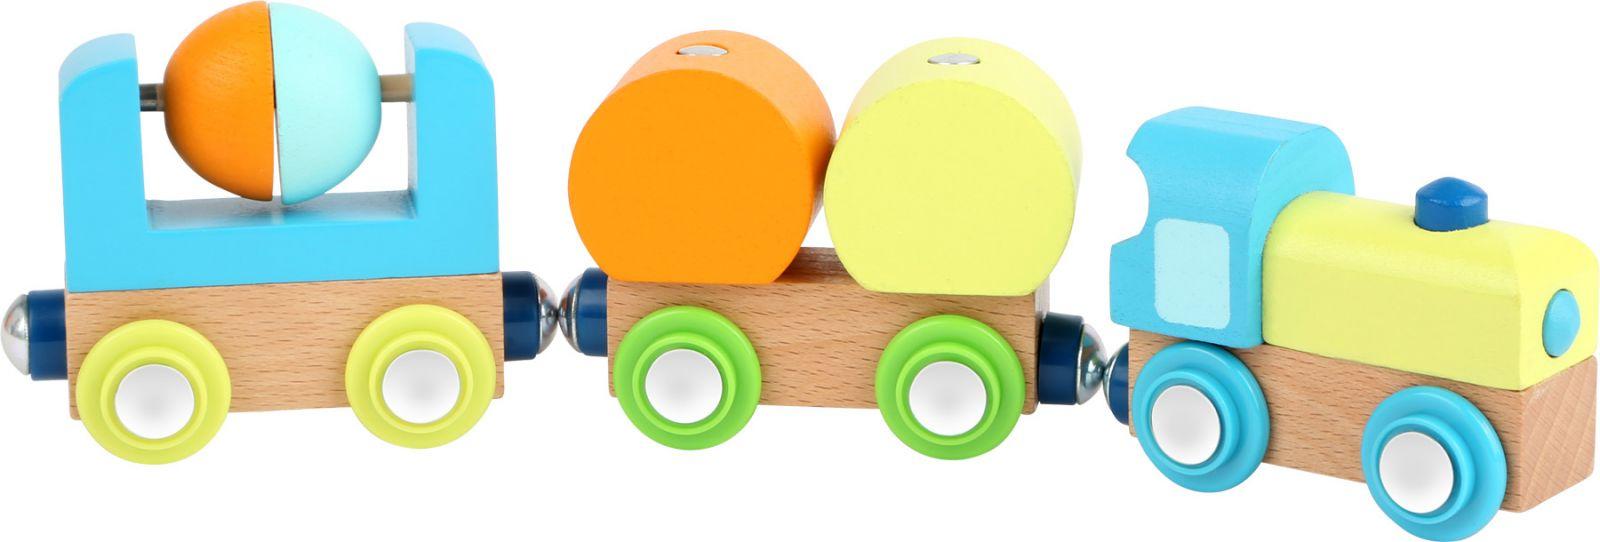 Dřevěné hračky Small Foot Dřevěný vláček Junior Small foot by Legler